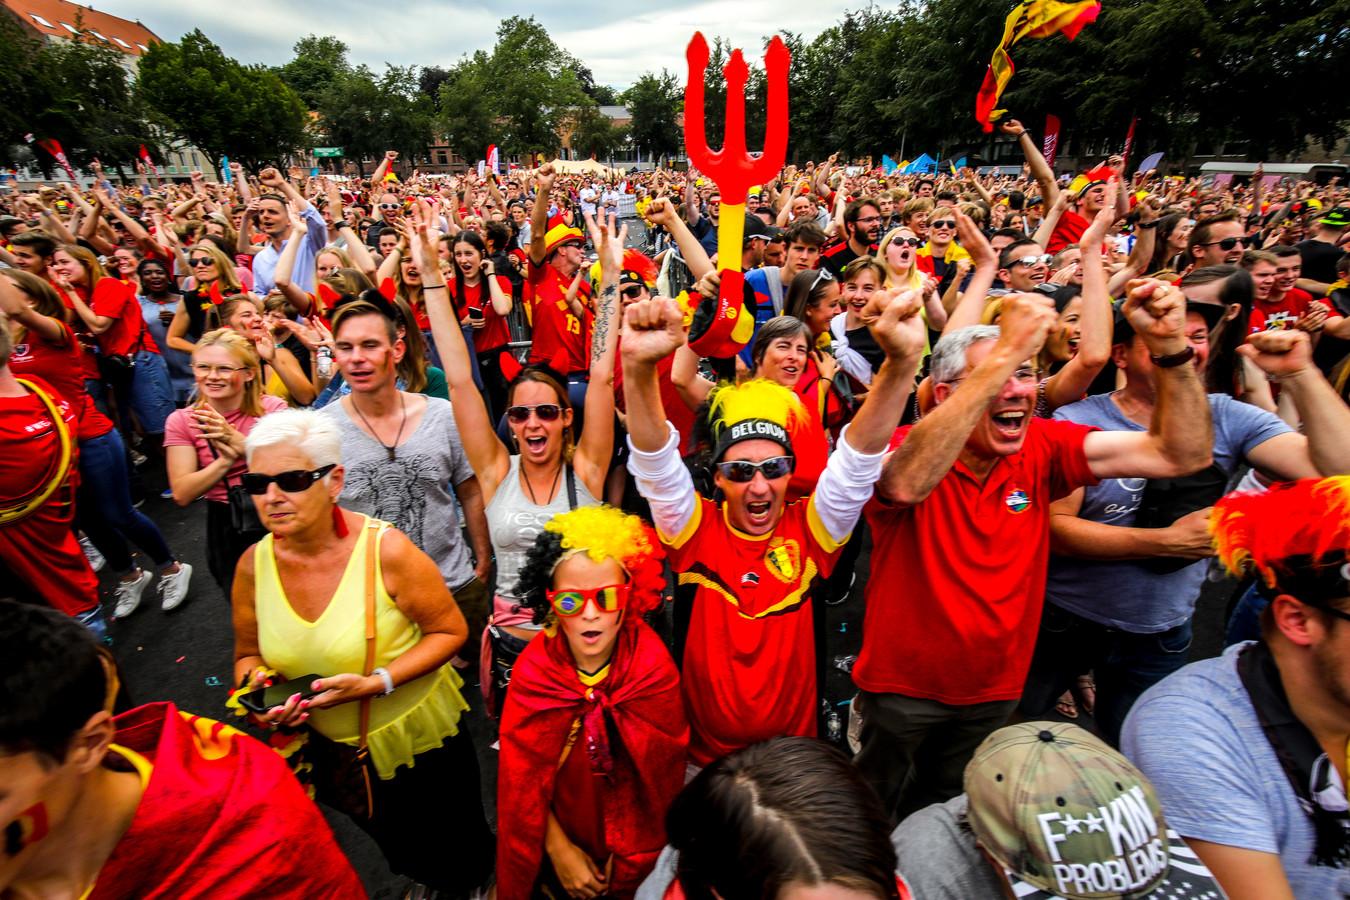 Een beeld uit 2018, toen duizenden Bruggelingen de wedstrijden samen volgden op een groot scherm. Dit jaar moet, wie de wedstrijden op café wil volgen, strikte regels volgen